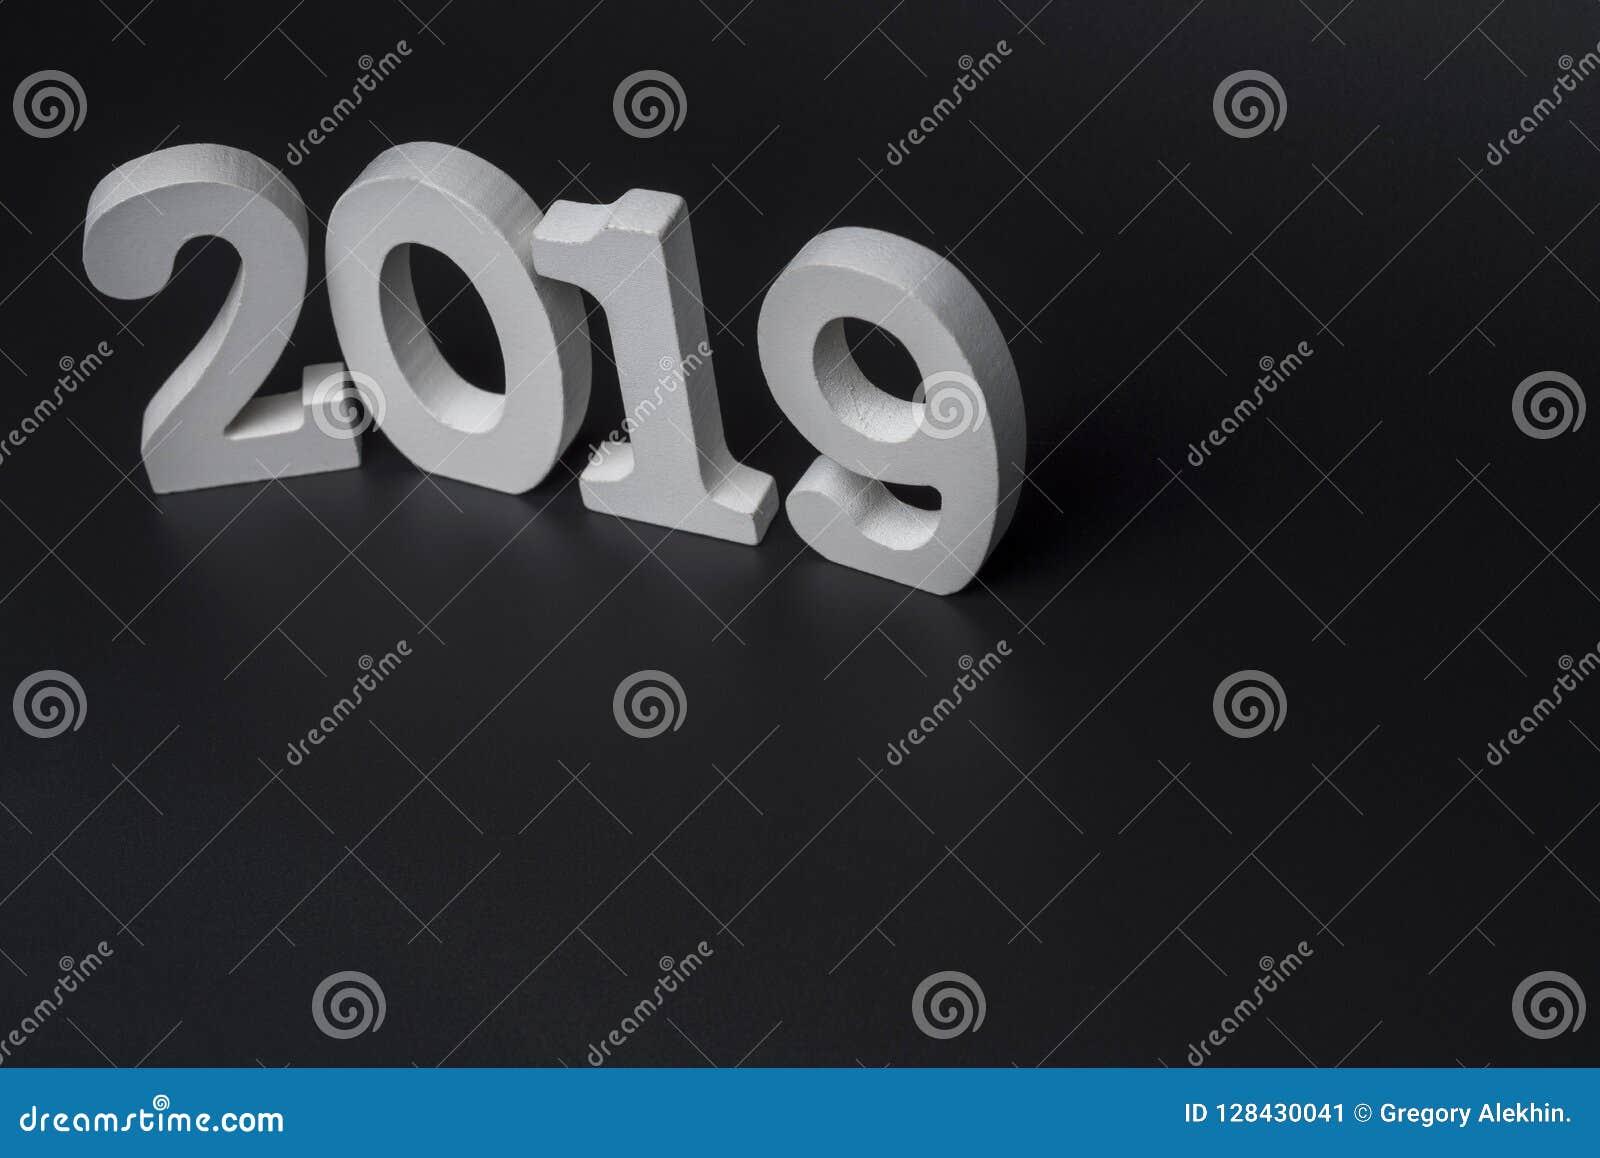 Новый Год две тысячи 19, белые номера на черной предпосылке